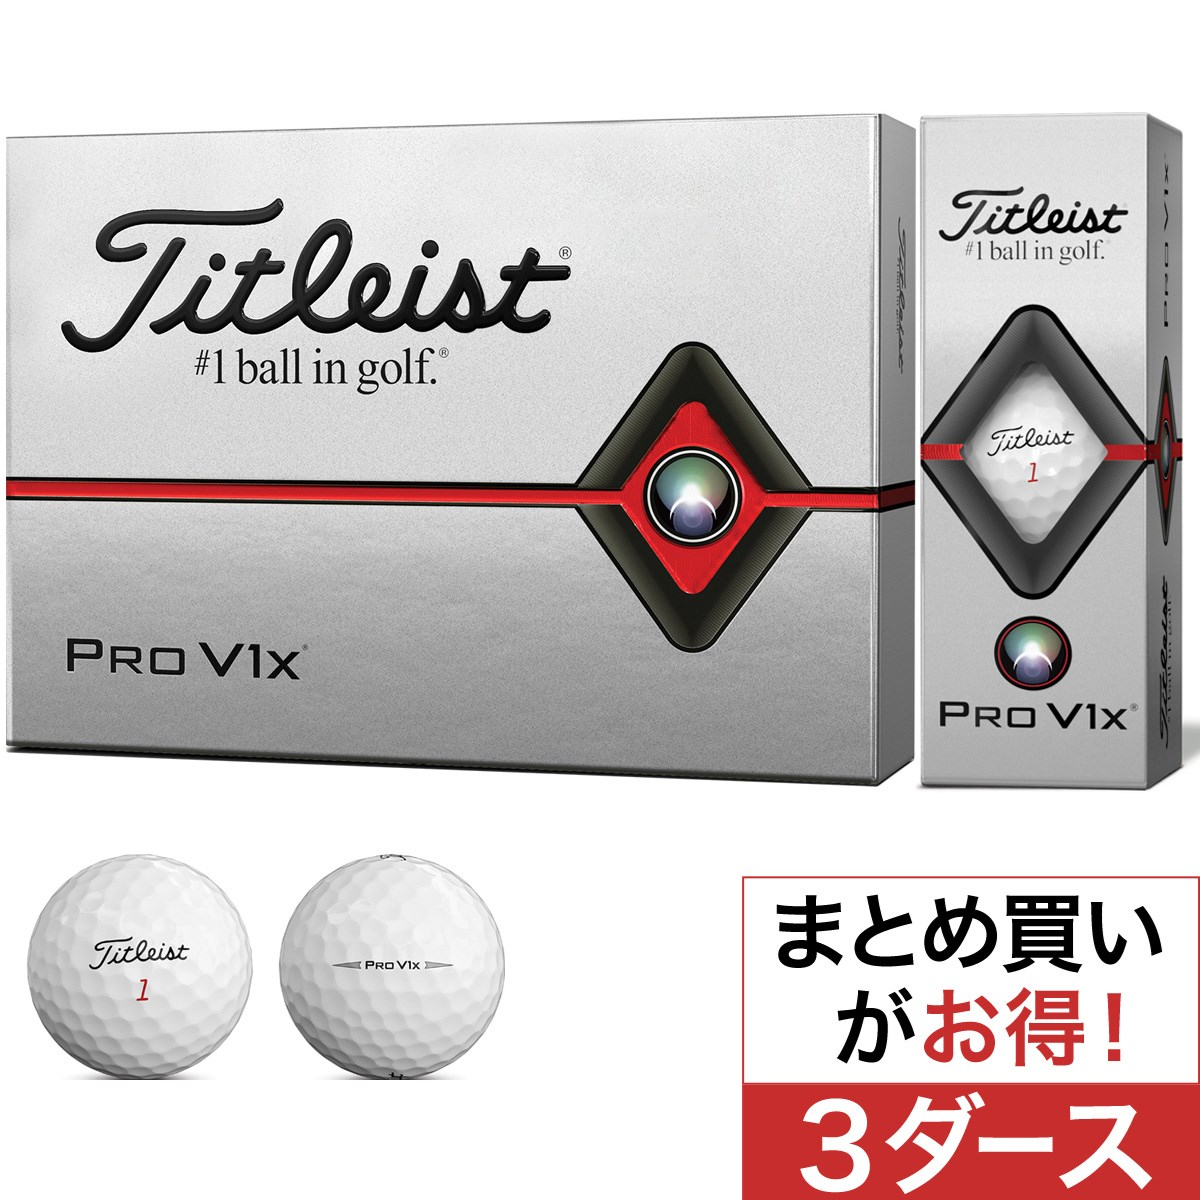 タイトリスト(Titleist) PRO V1X ボール 3ダースセット【オンネームサービス有り】